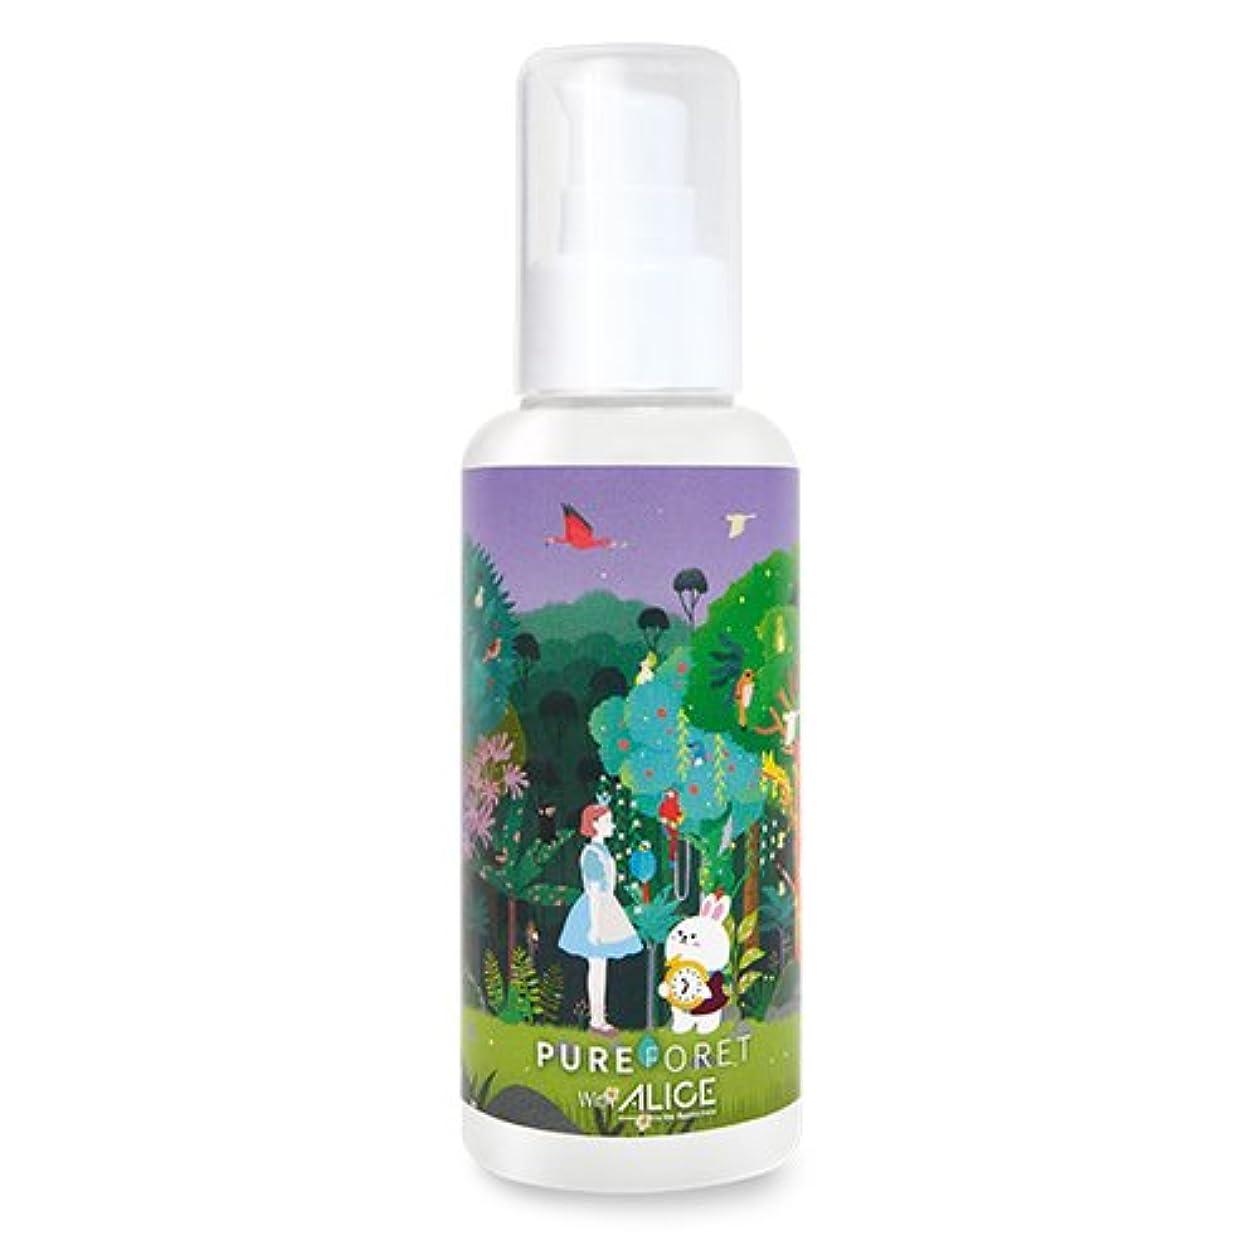 必要性妨げるバインド韓国産 Pureforet x Alice スキンリペアラビット ハイドレーティング 乳液. (150ml)